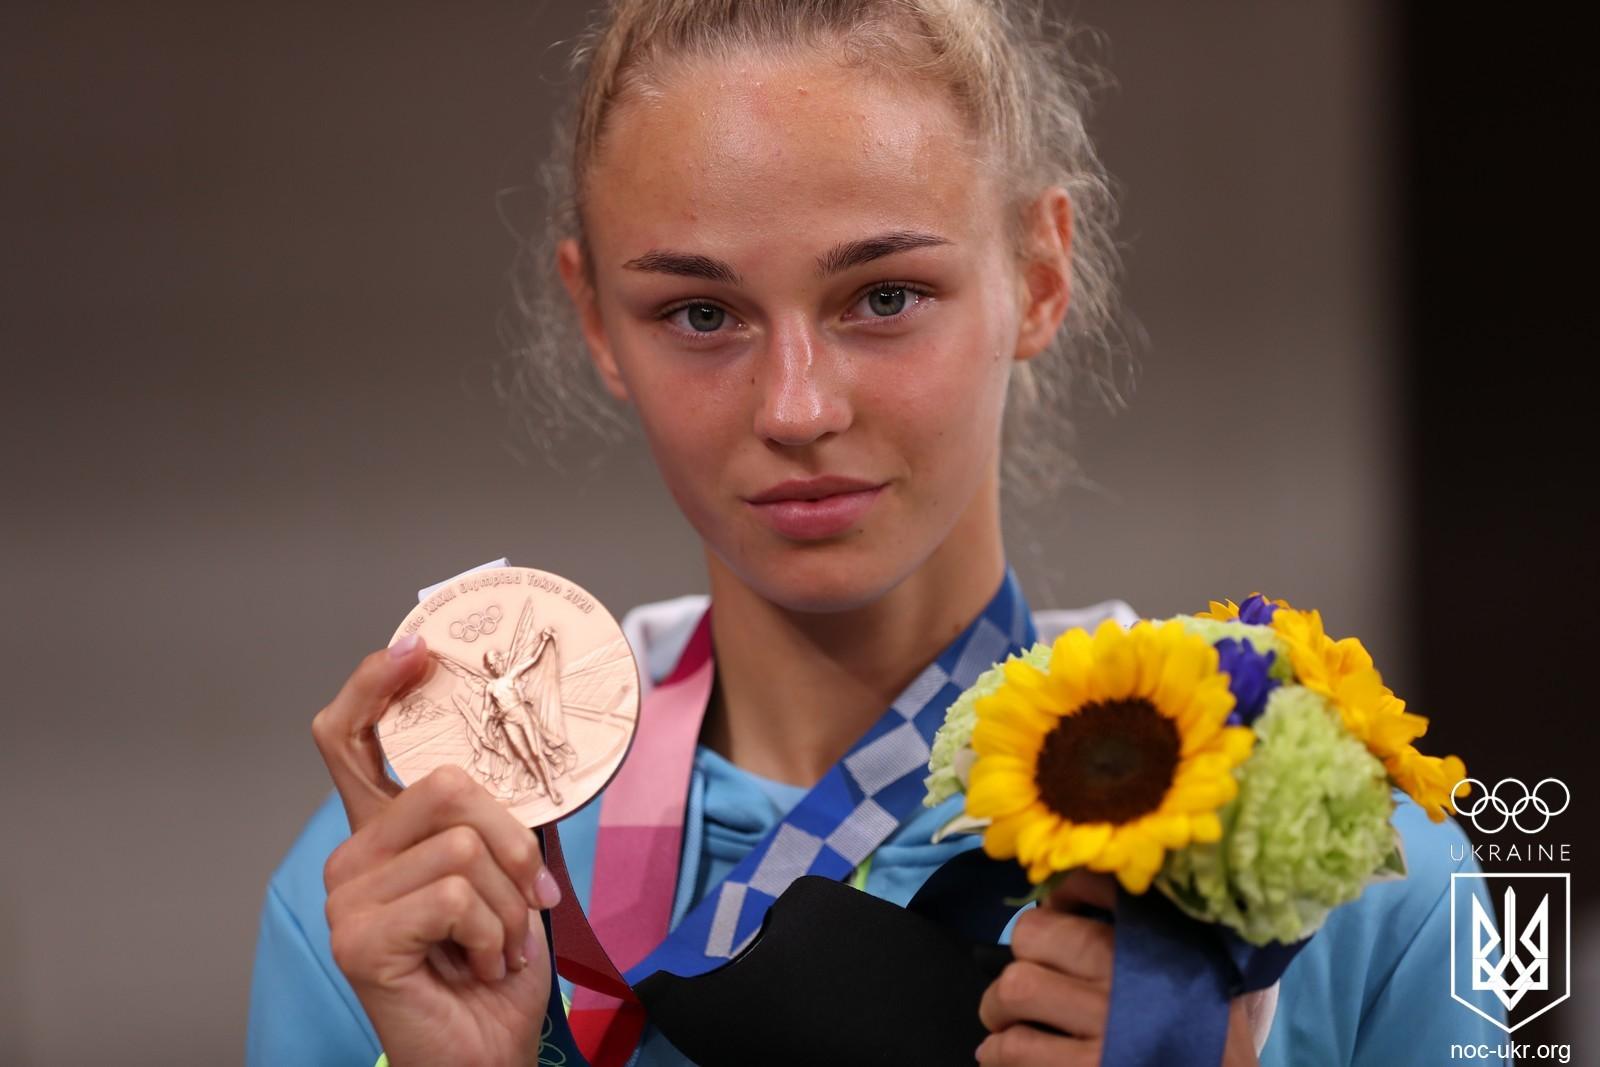 Українка Білодід здобула першу медаль на Олімпіаді у Токіо